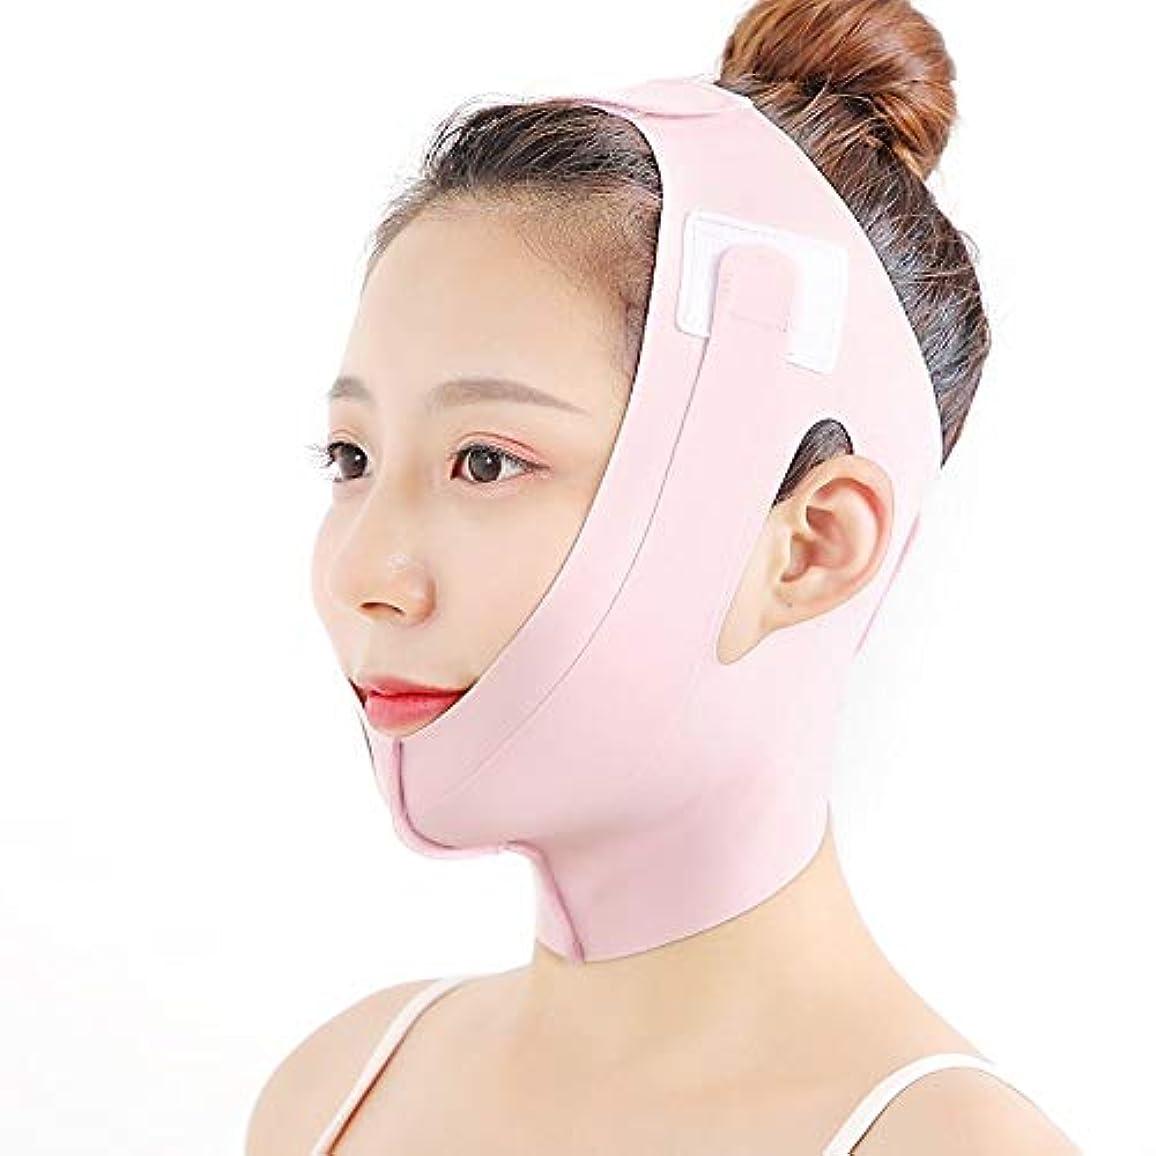 むき出し降伏ワードローブHEMFV フェイススリミングベルト、フェイススリミングスリムリフトスキン包帯二重あごスリミングベルトを締め、コンパクト顔の皮膚のためのマスク